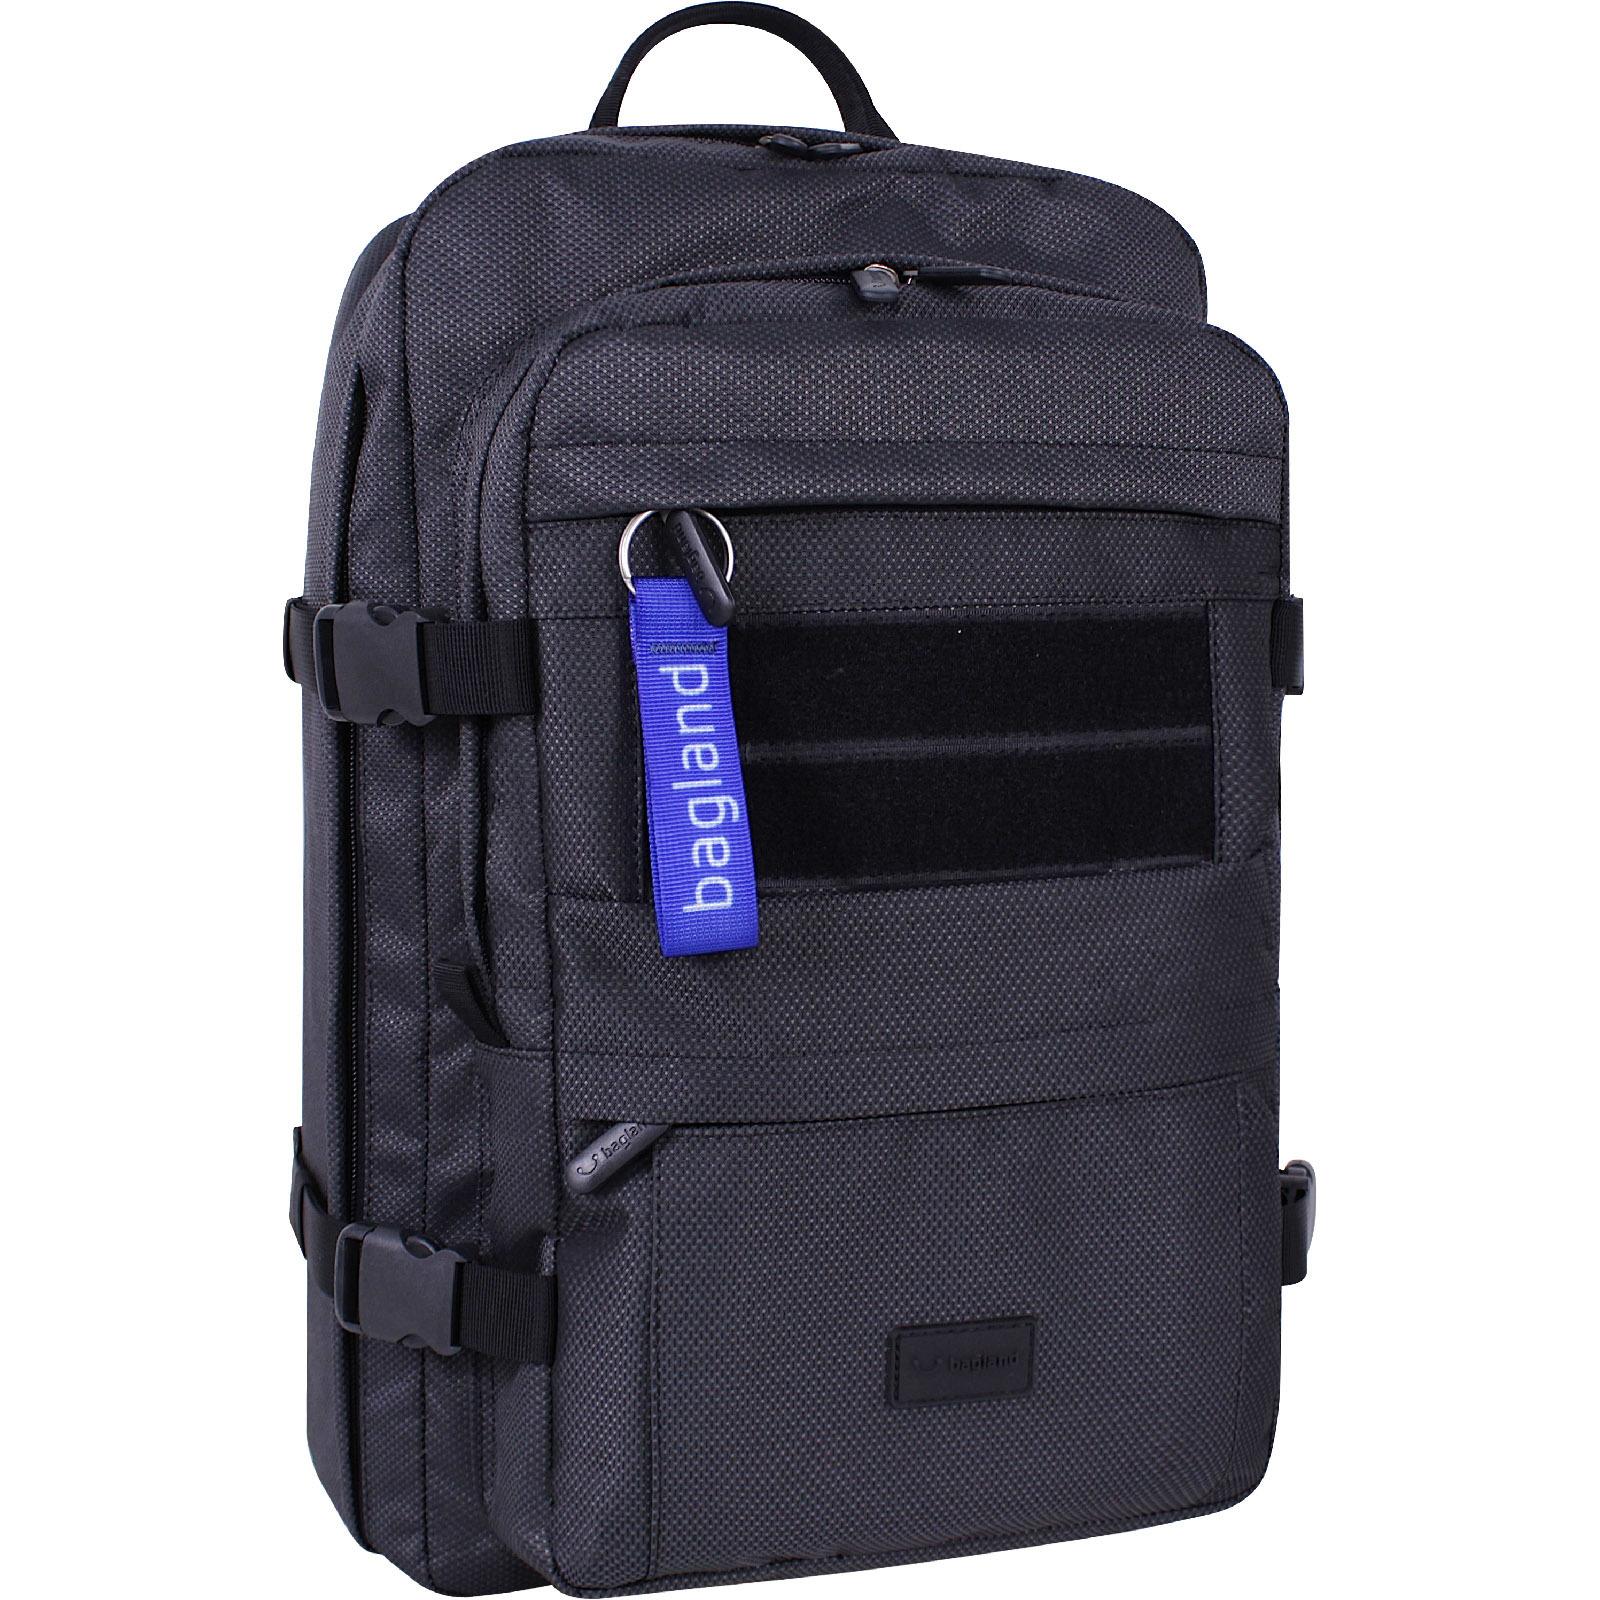 Мужские рюкзаки Рюкзак для ноутбука Bagland Specter 23 л. Чёрный (00157169) IMG_0155.jpg